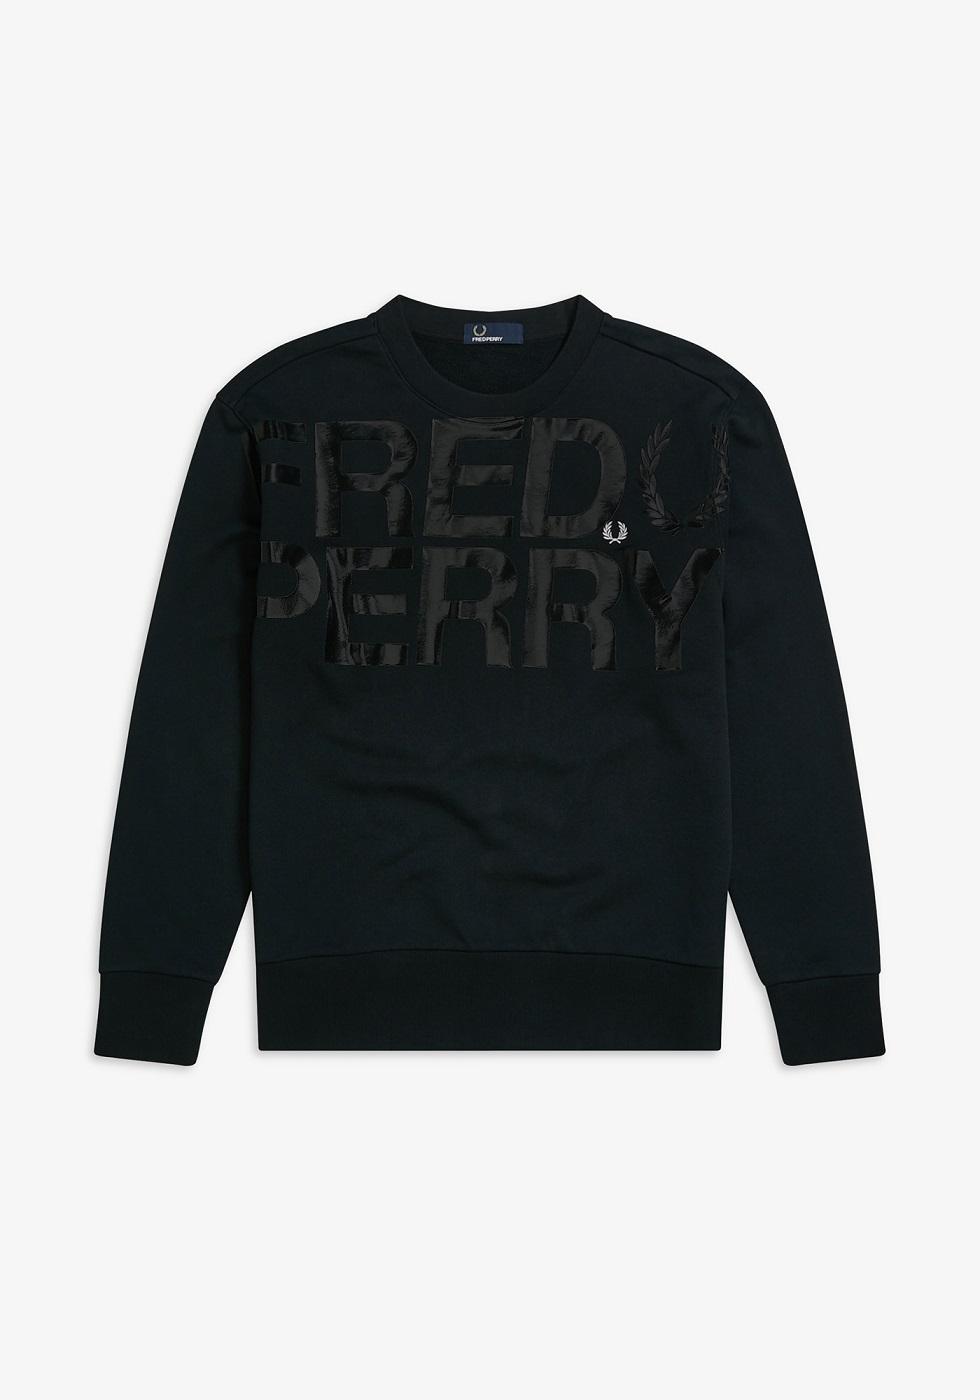 FRED PERRY(フレッドペリー) スウェットシャツ